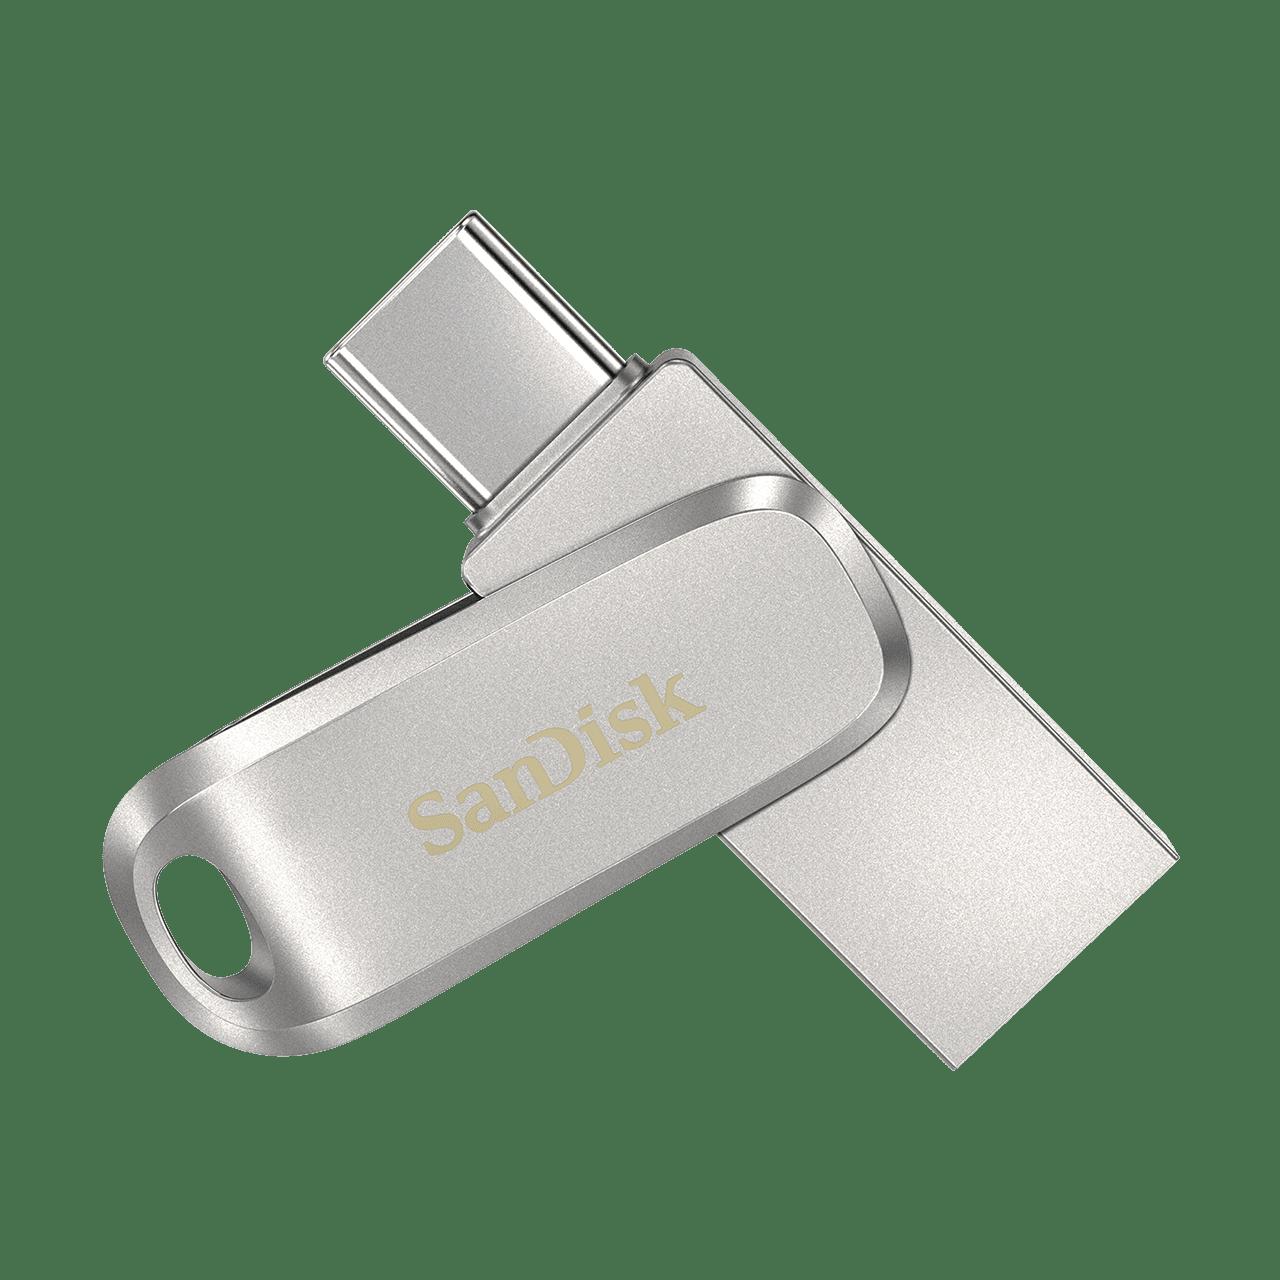 64GB SanDisk Ultra Dual Drive Luxe USB-minne, USB-C+USB 3.1